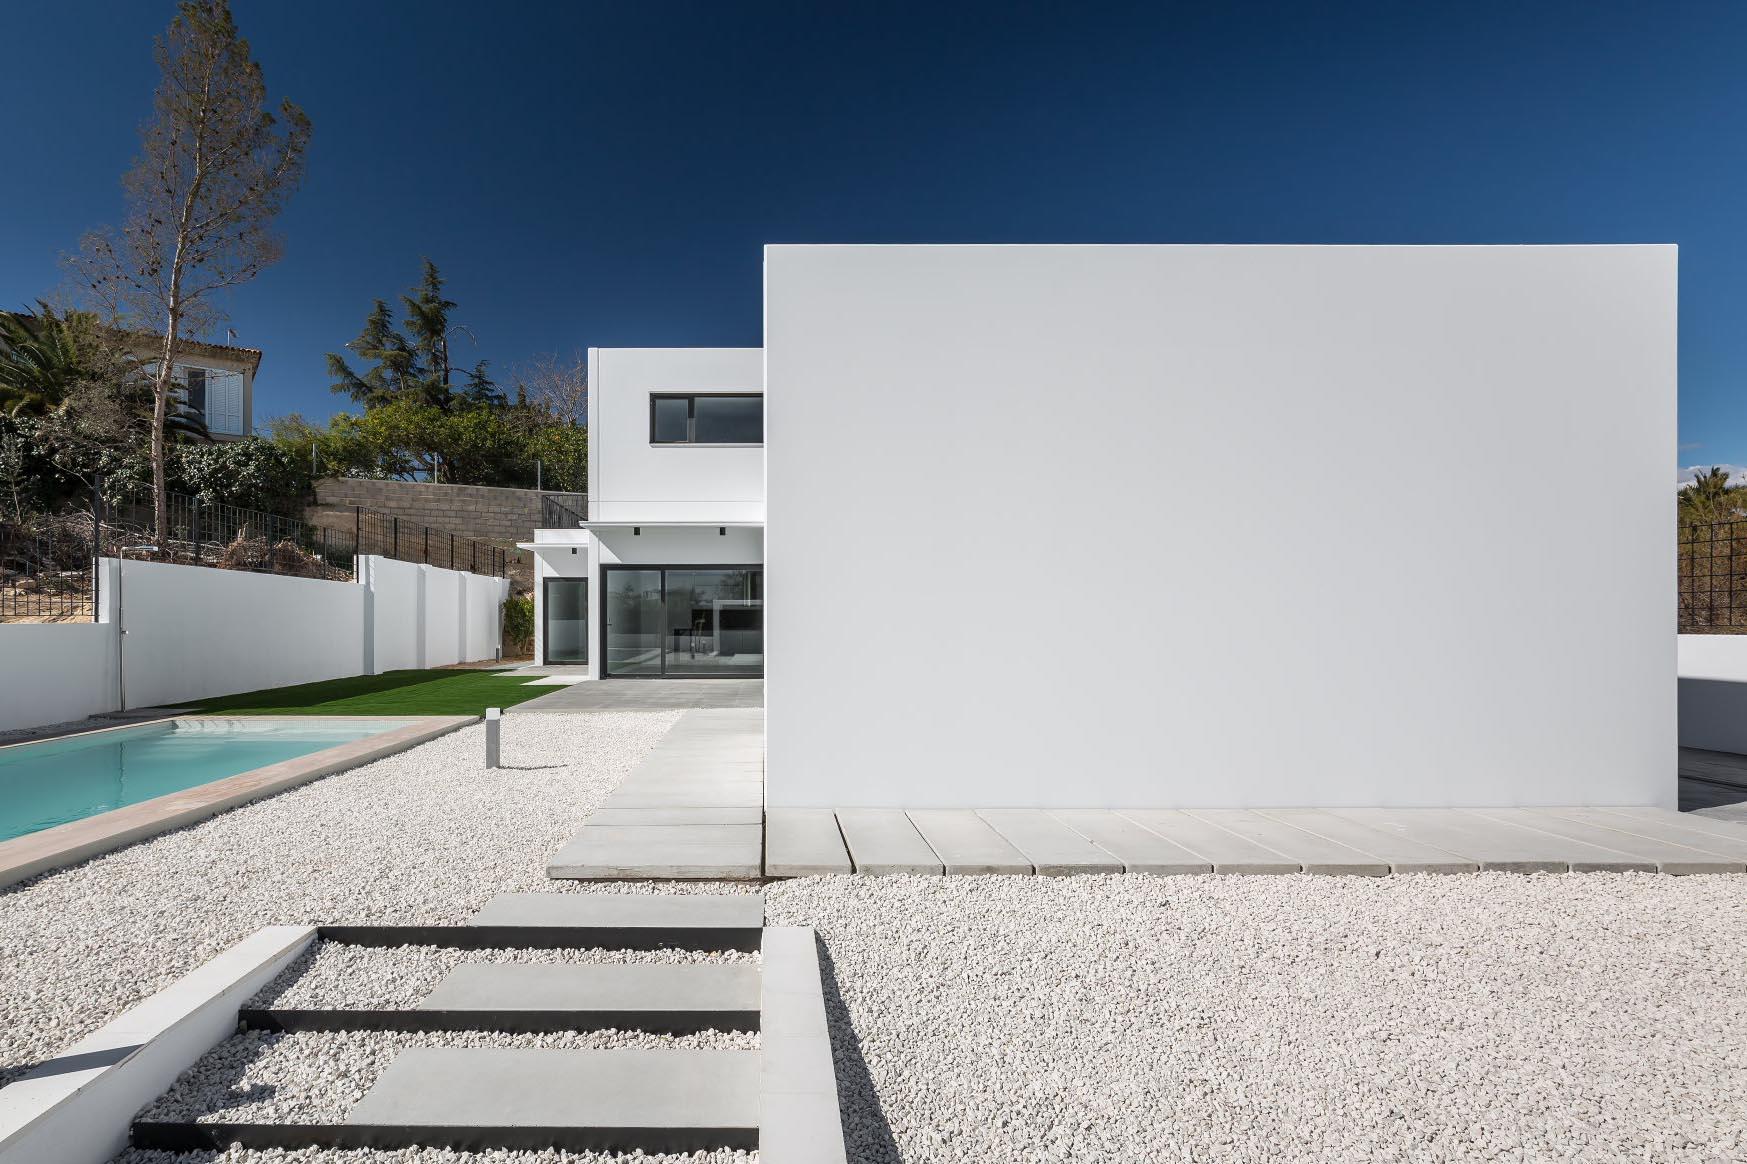 fotografia-arquitectura-valencia-german-cabo-viraje-el-vedat-torrent (x)_portada2